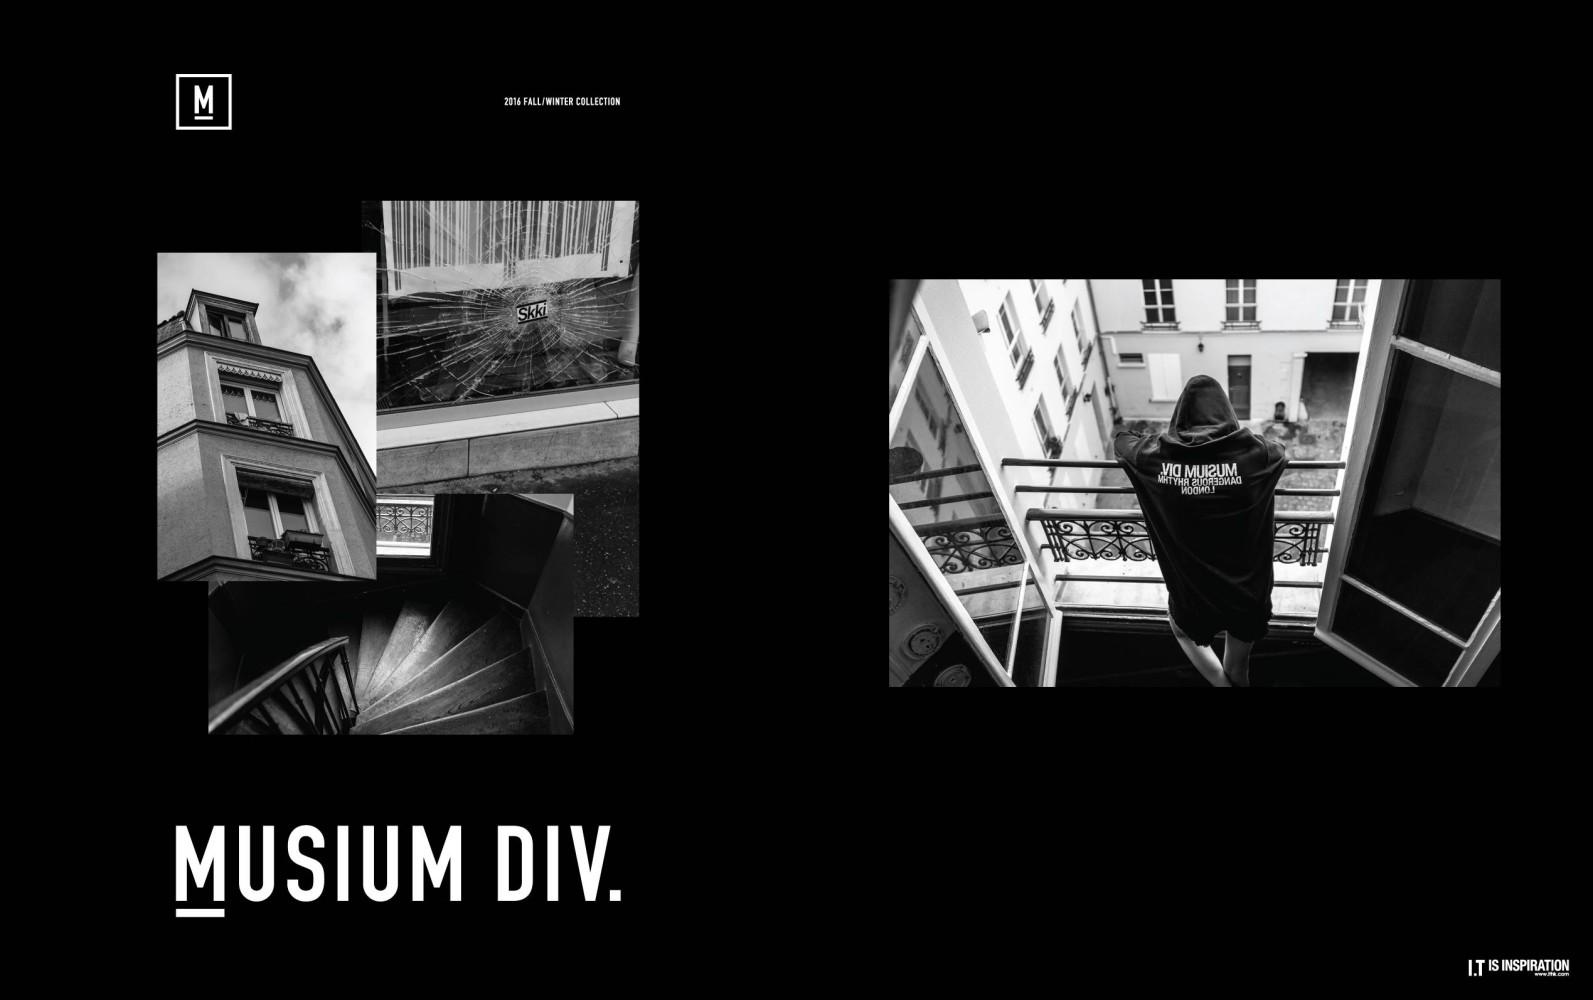 Adrien For Musium Div FW16